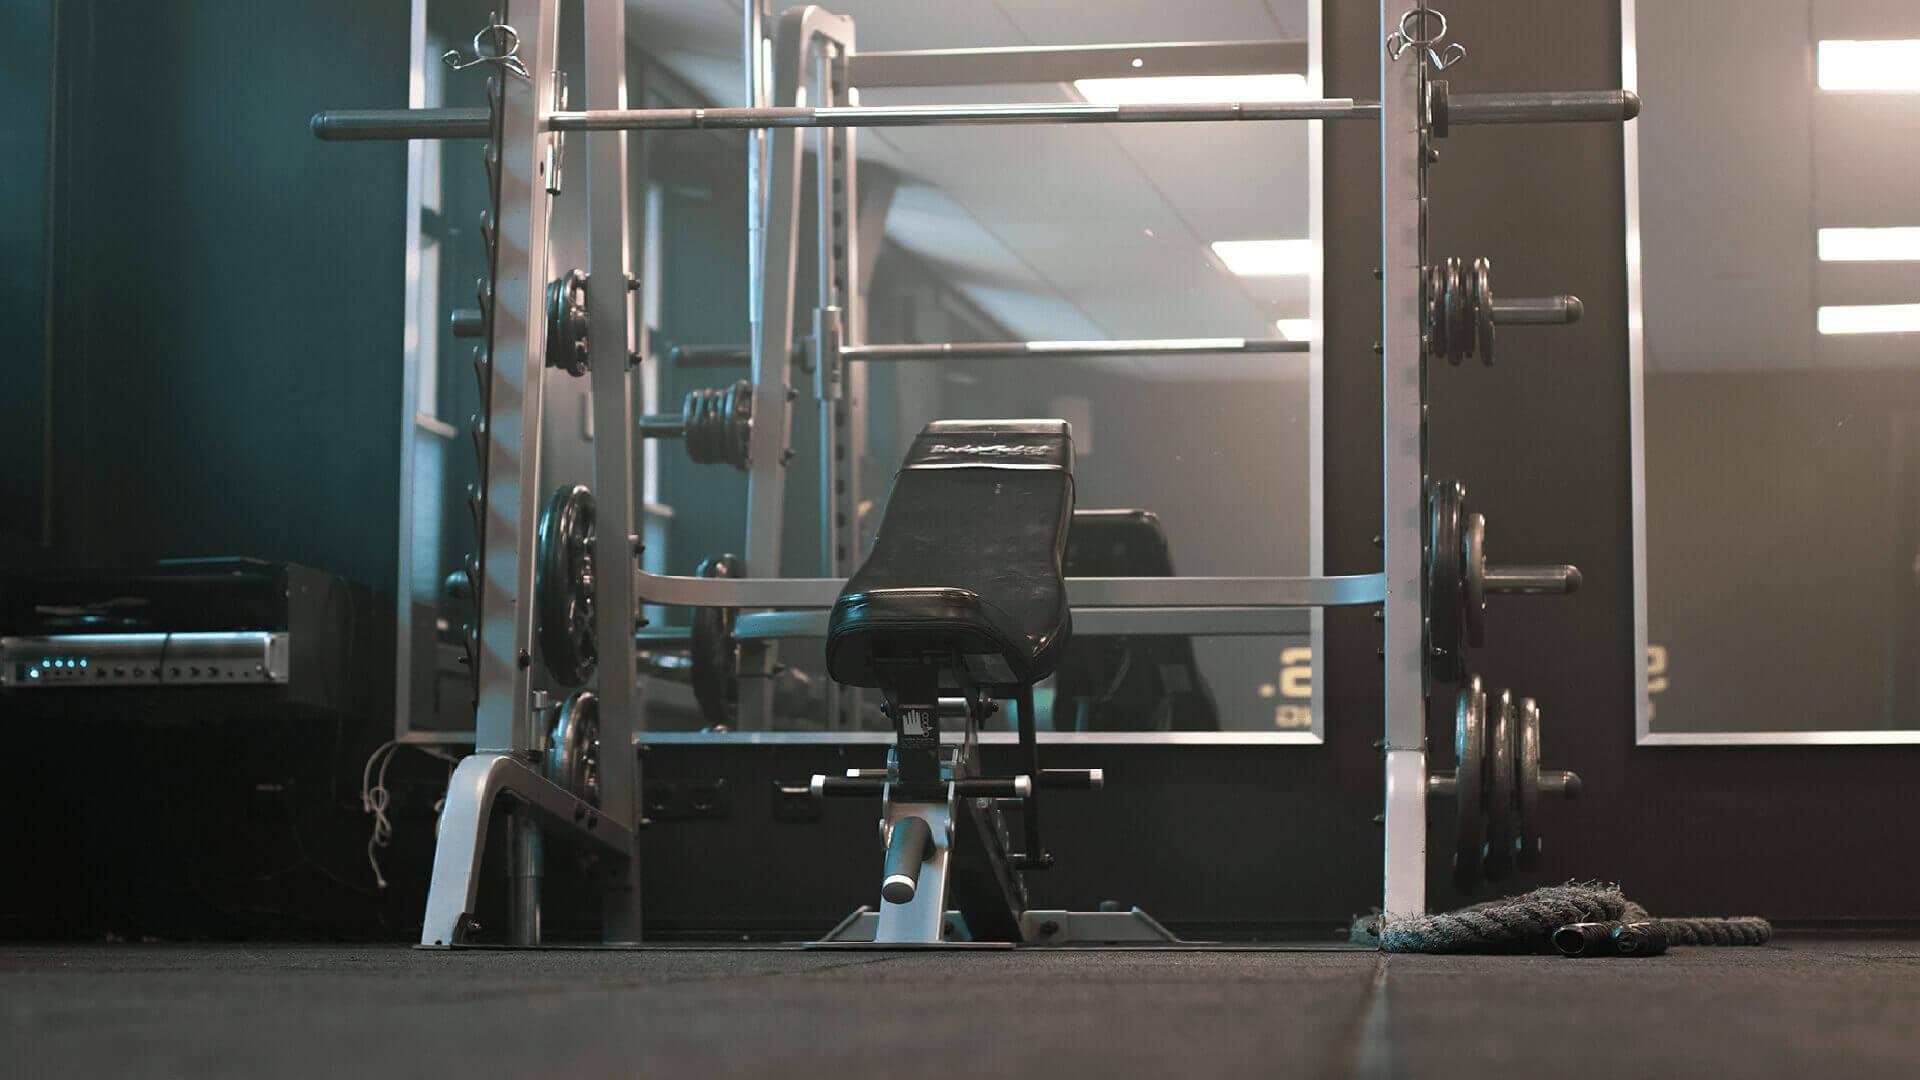 Fitness Bij S.t.a.r.s Groningen | Personal Trainer | Groningen - Haren - Zuidhorn